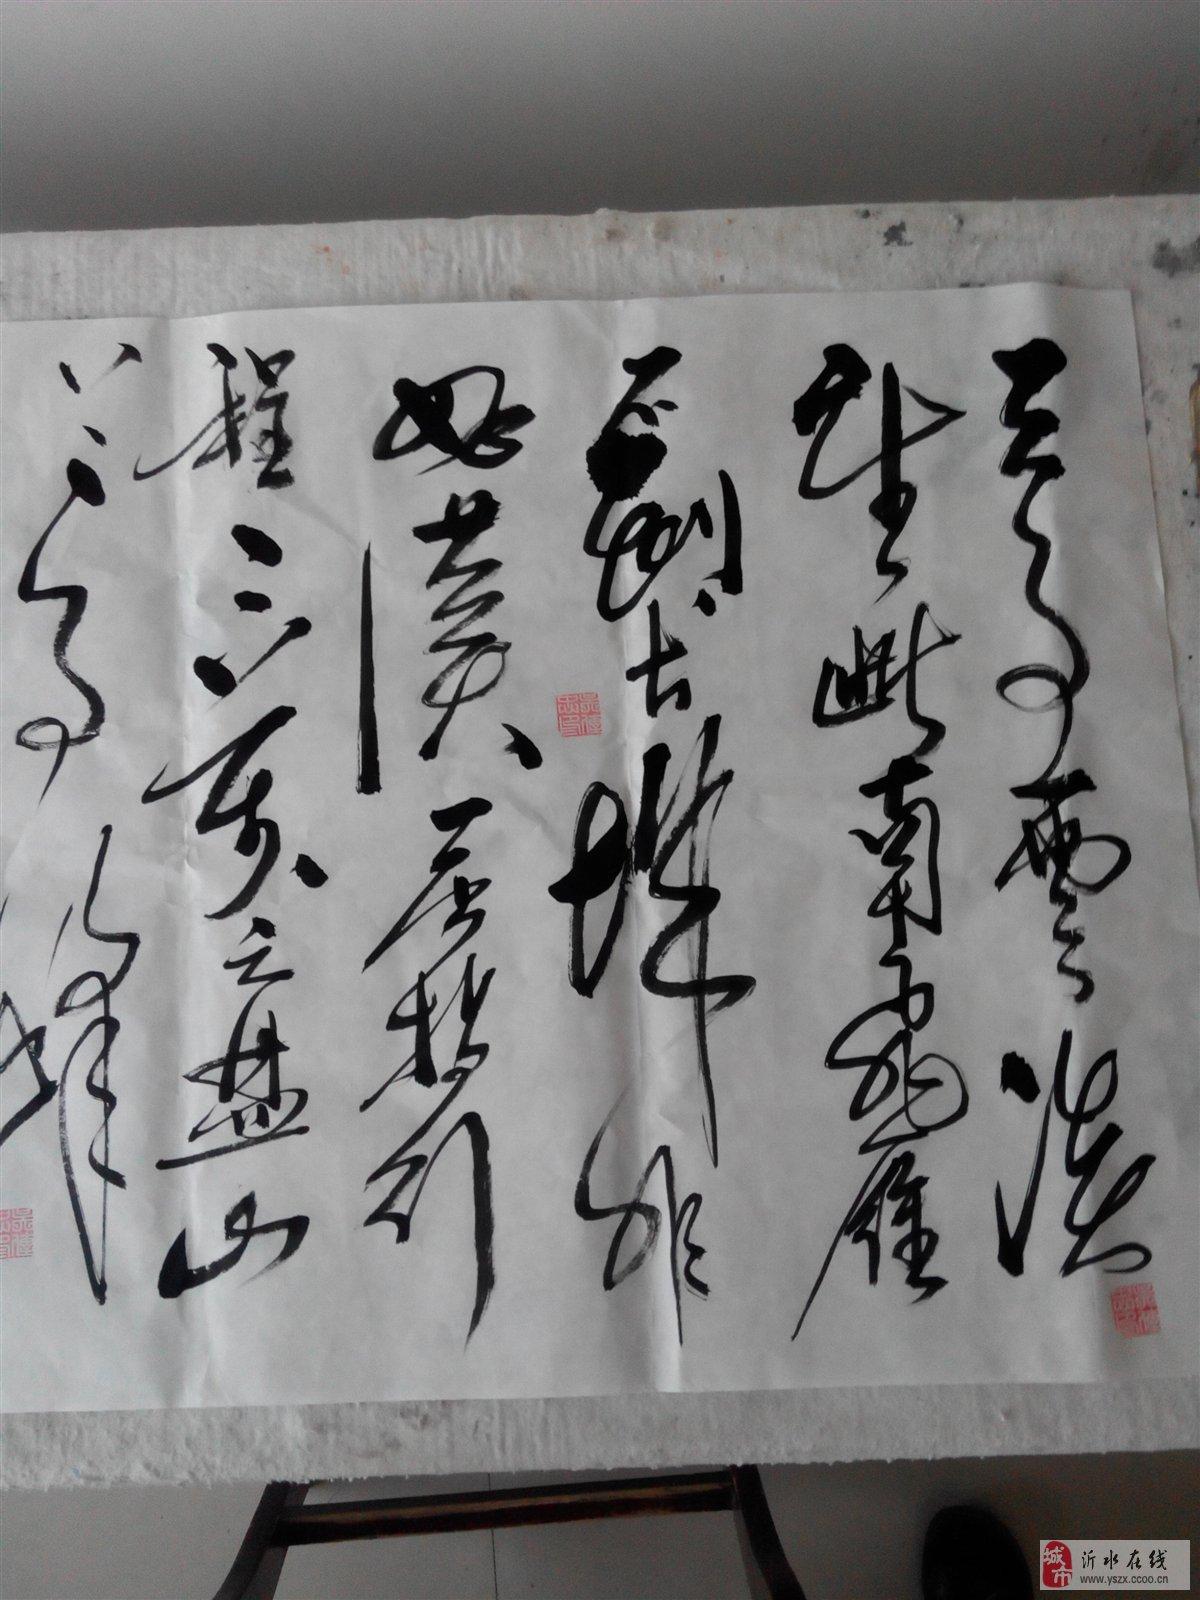 刘高升书法家的一副12平米的题词值多少钱2018-05-12 10:45 不管任何图片